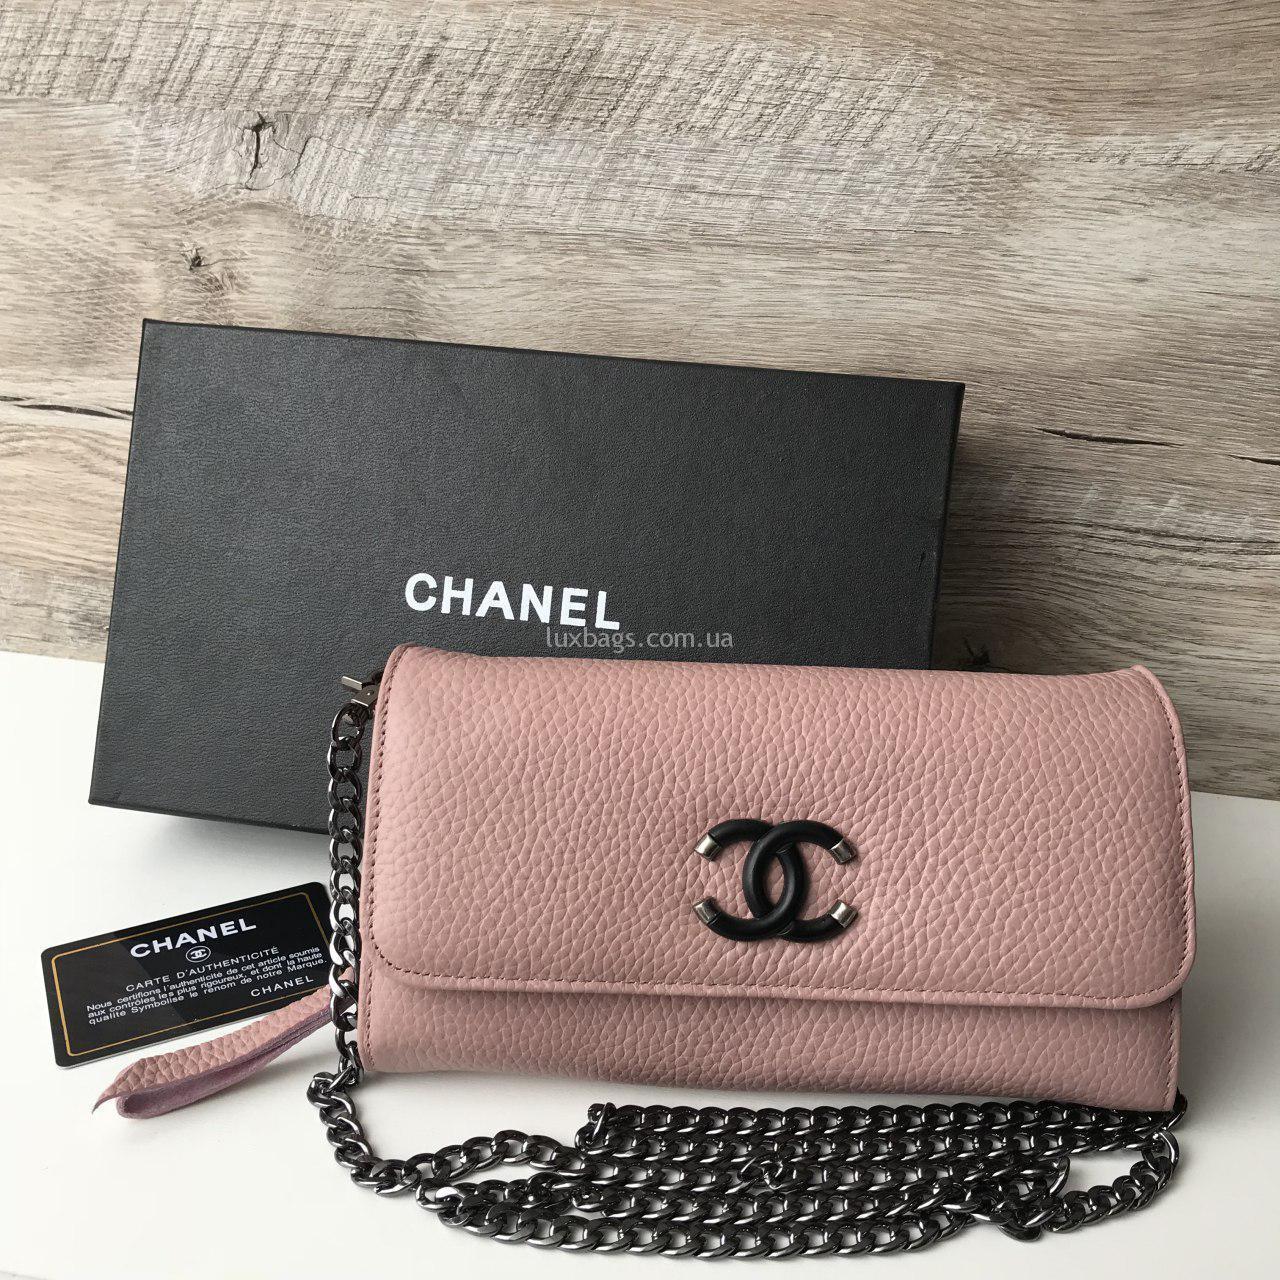 0ea3a9a2c2a3 Клатч Chanel (Шанель) (копия) Купить недорого на lux-bags